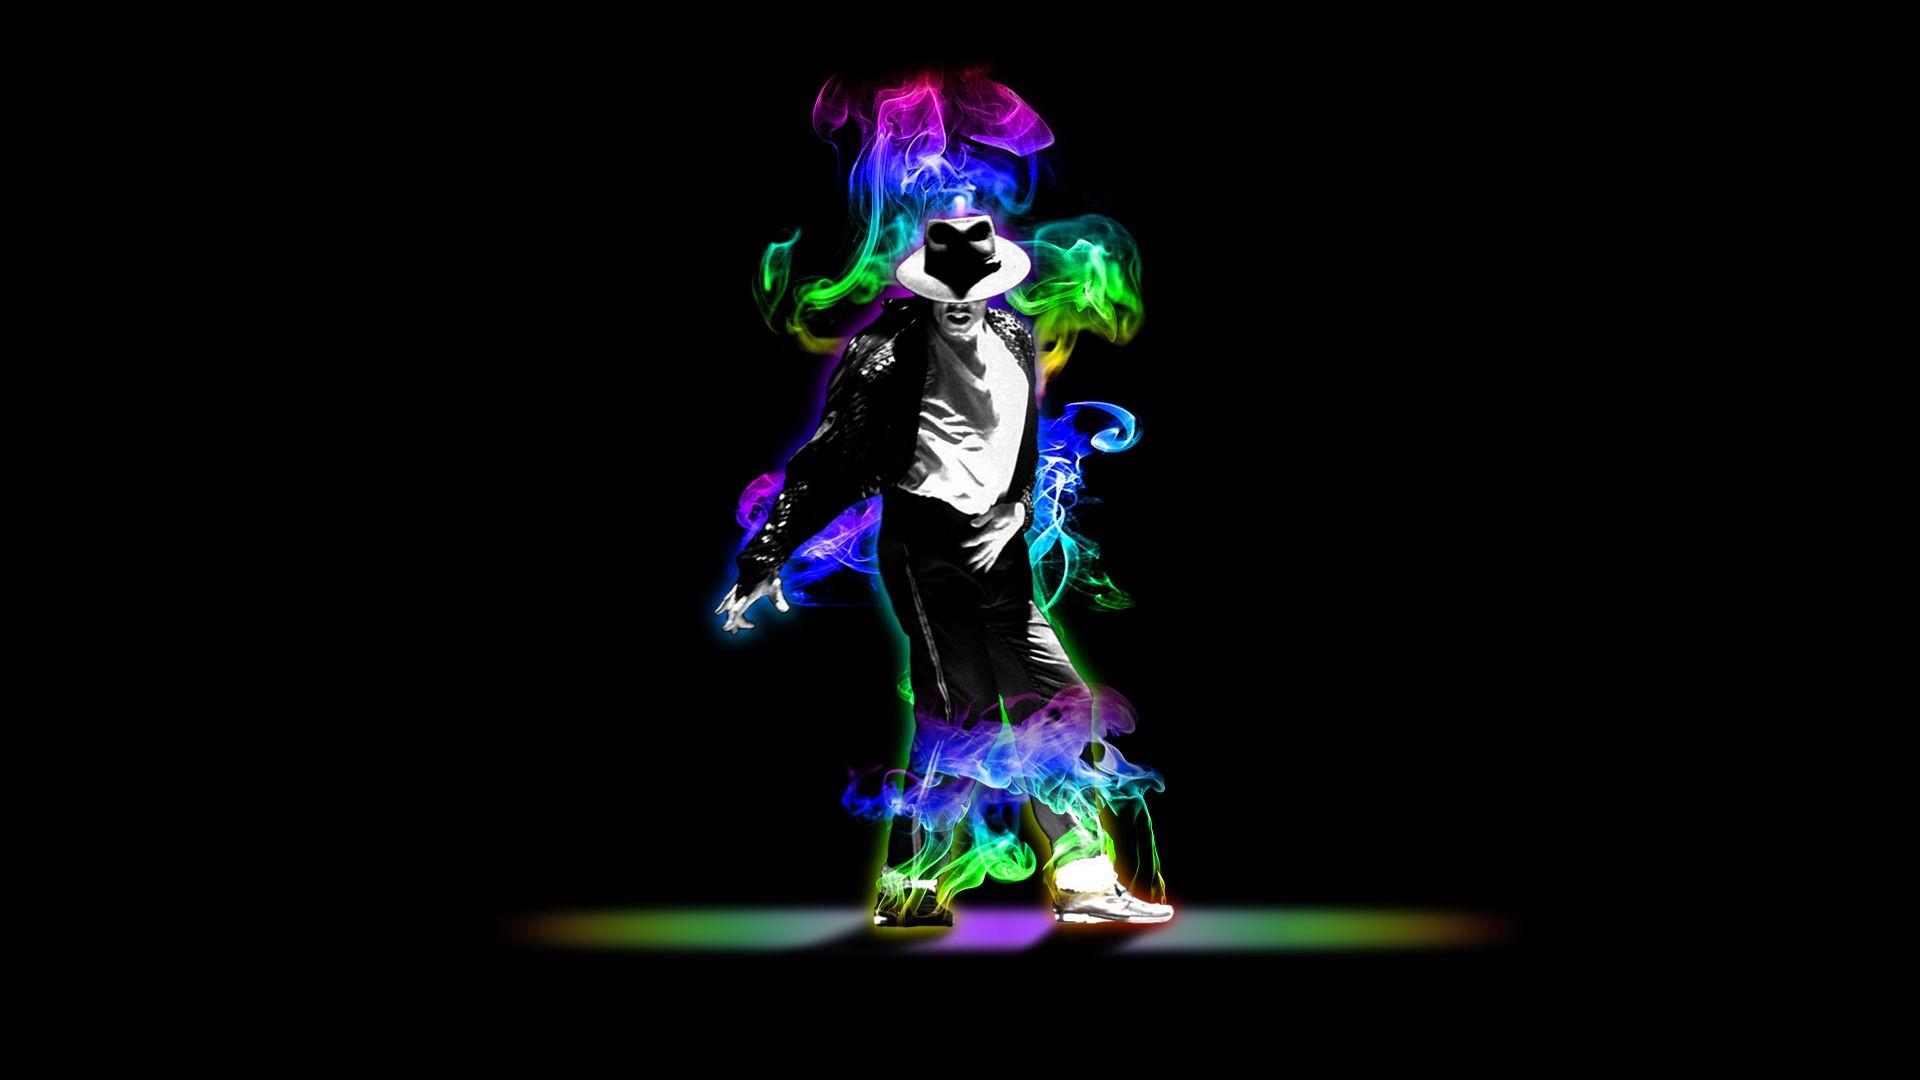 Арт музыка танцы  № 2843843 бесплатно